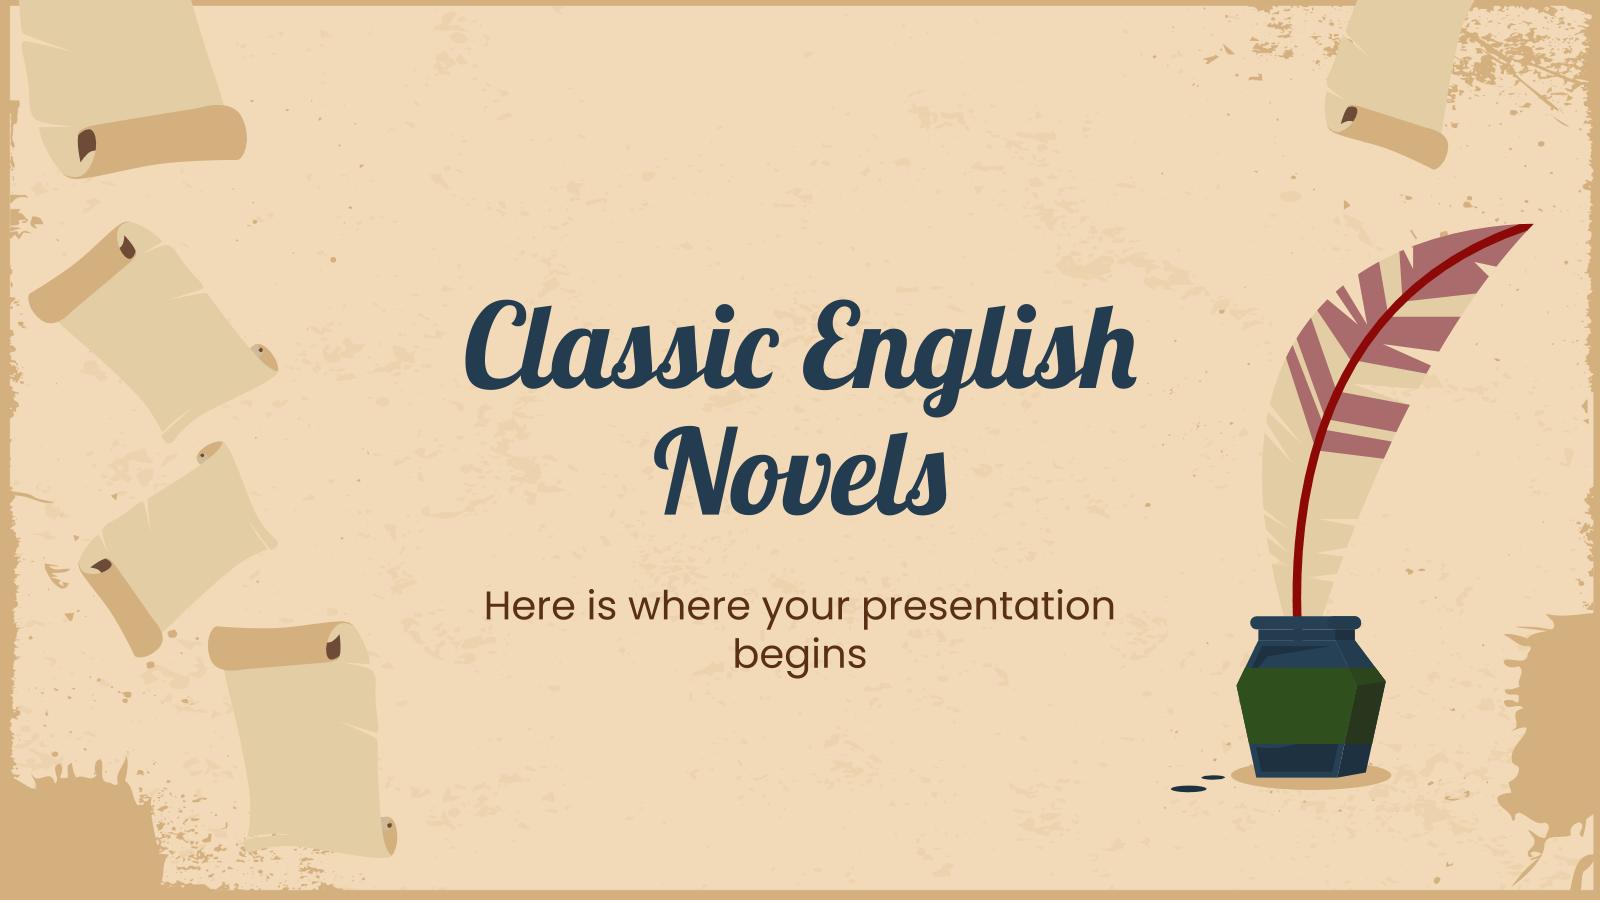 Plantilla de presentación Novelas inglesas clásicas